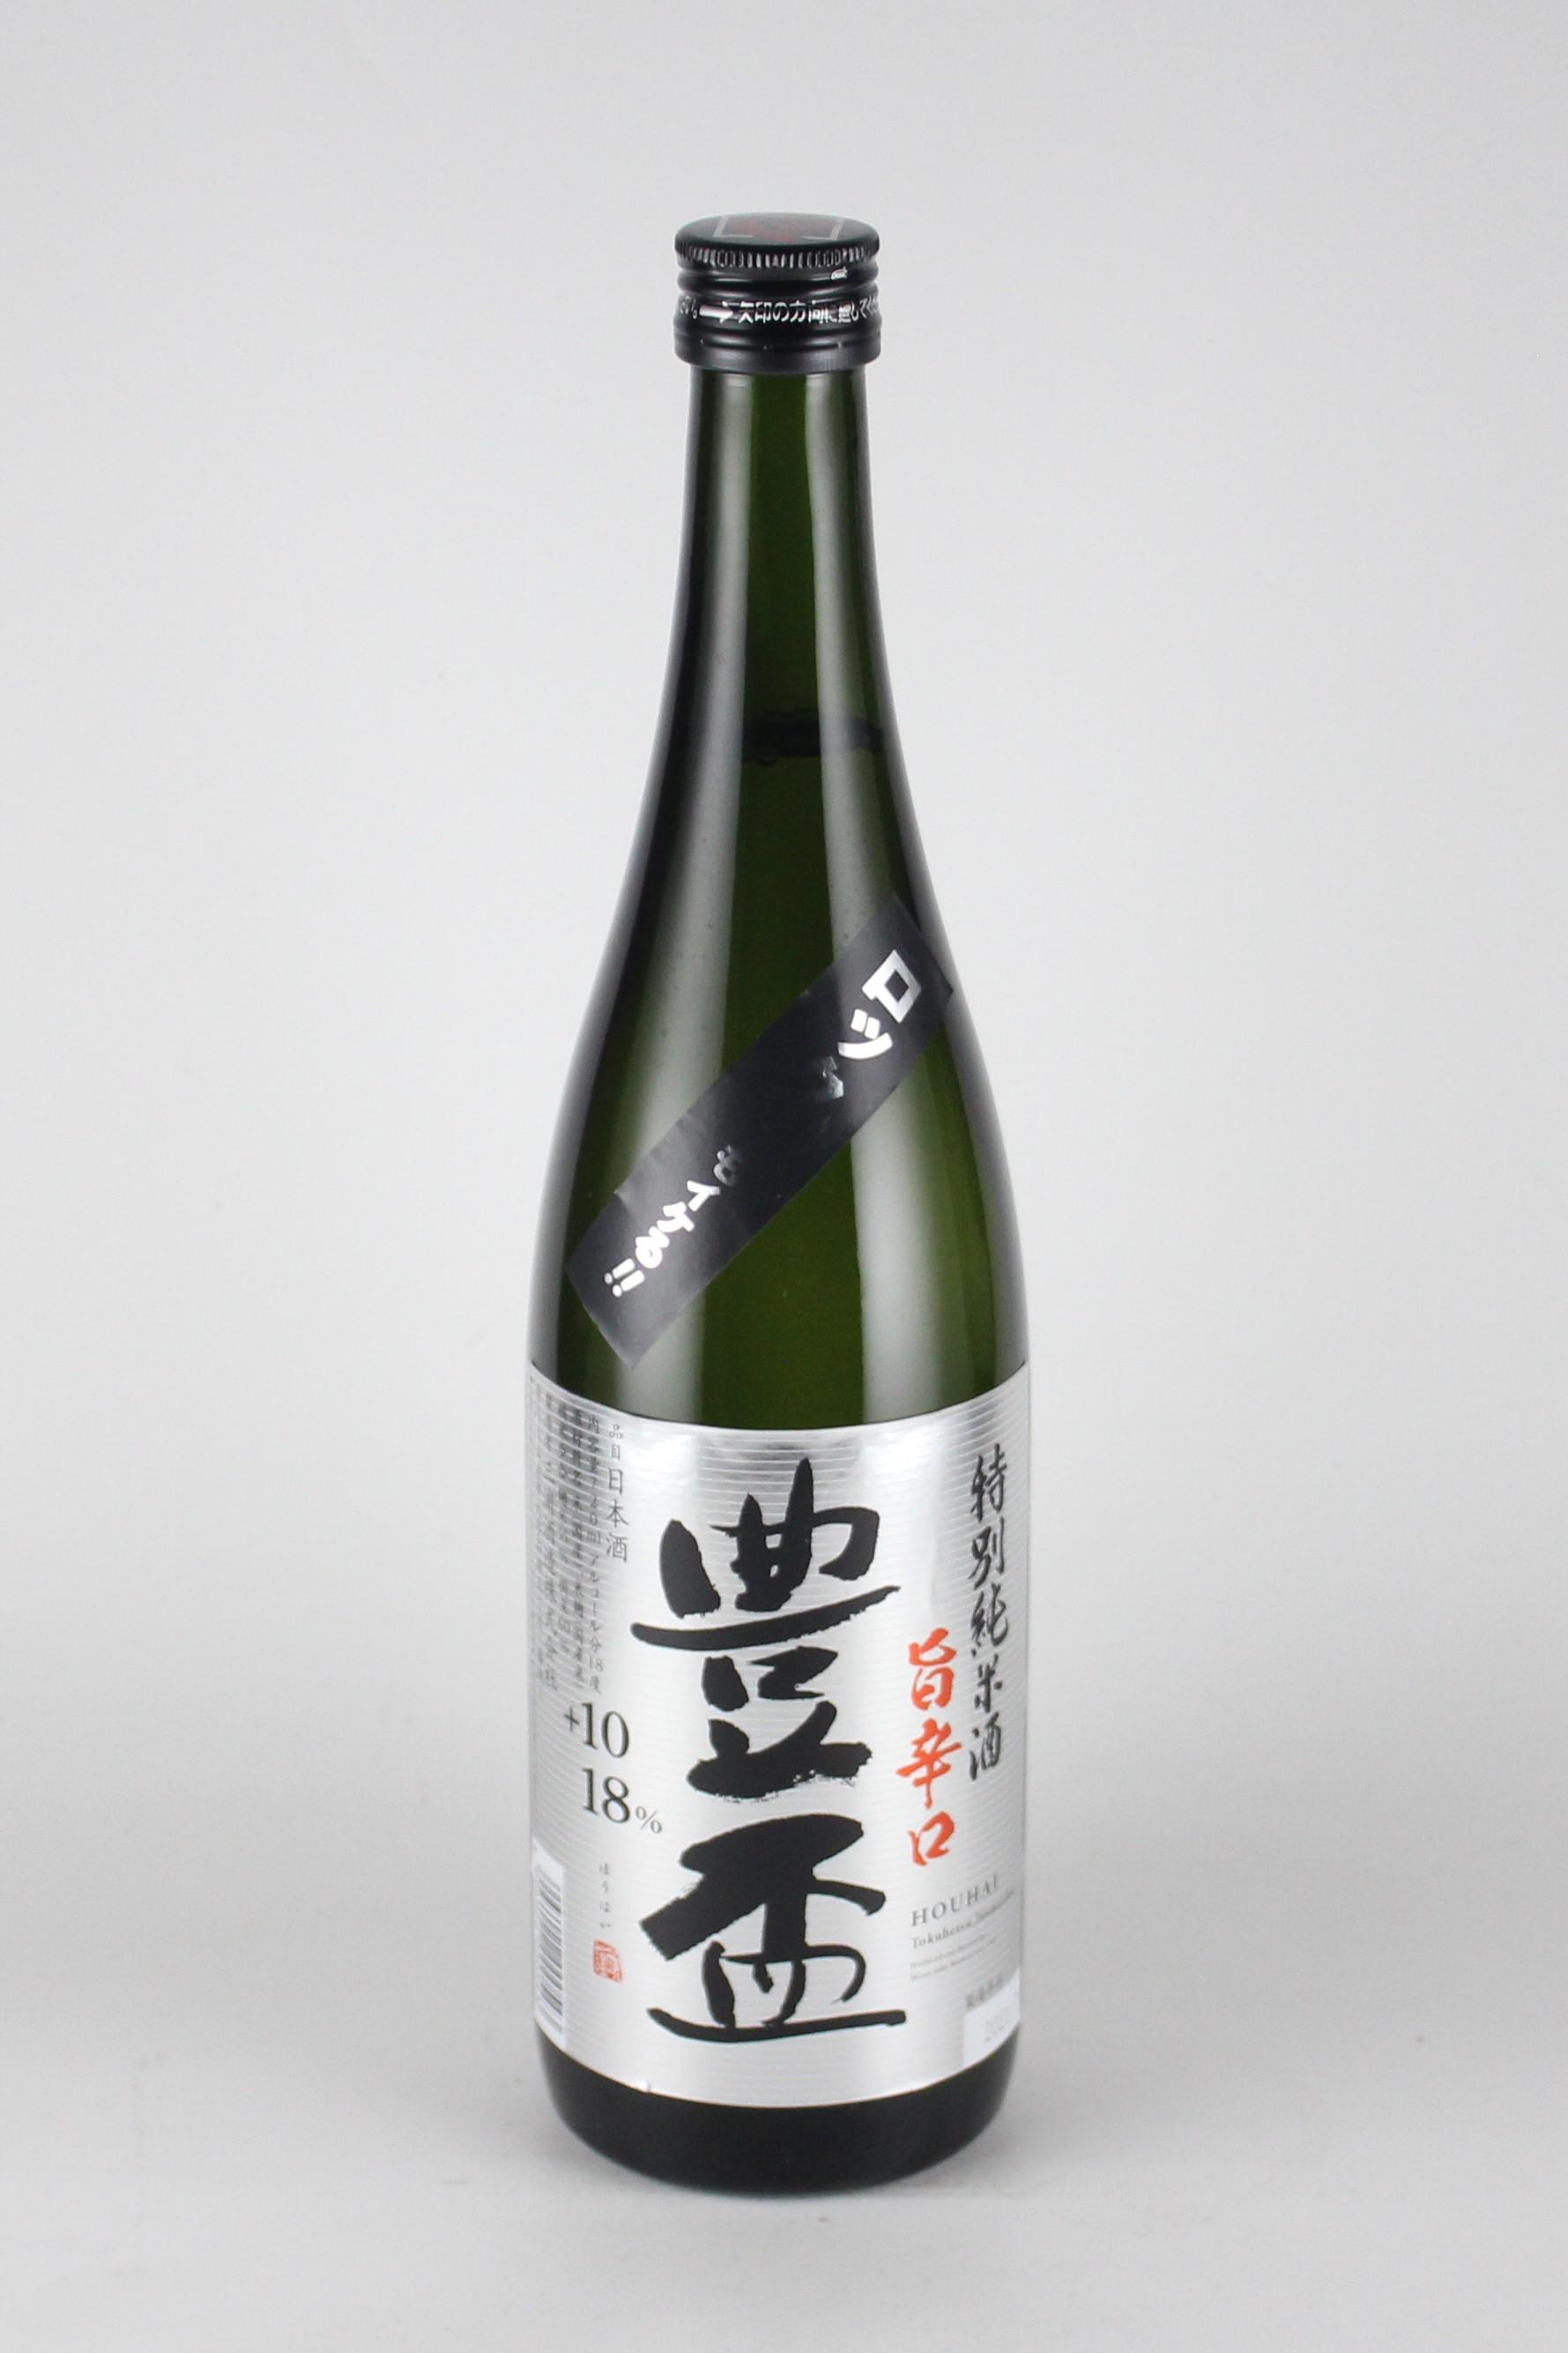 <チャレンジタンク> 豊盃 旨辛口 特別純米 720ml 【青森/三浦酒造】